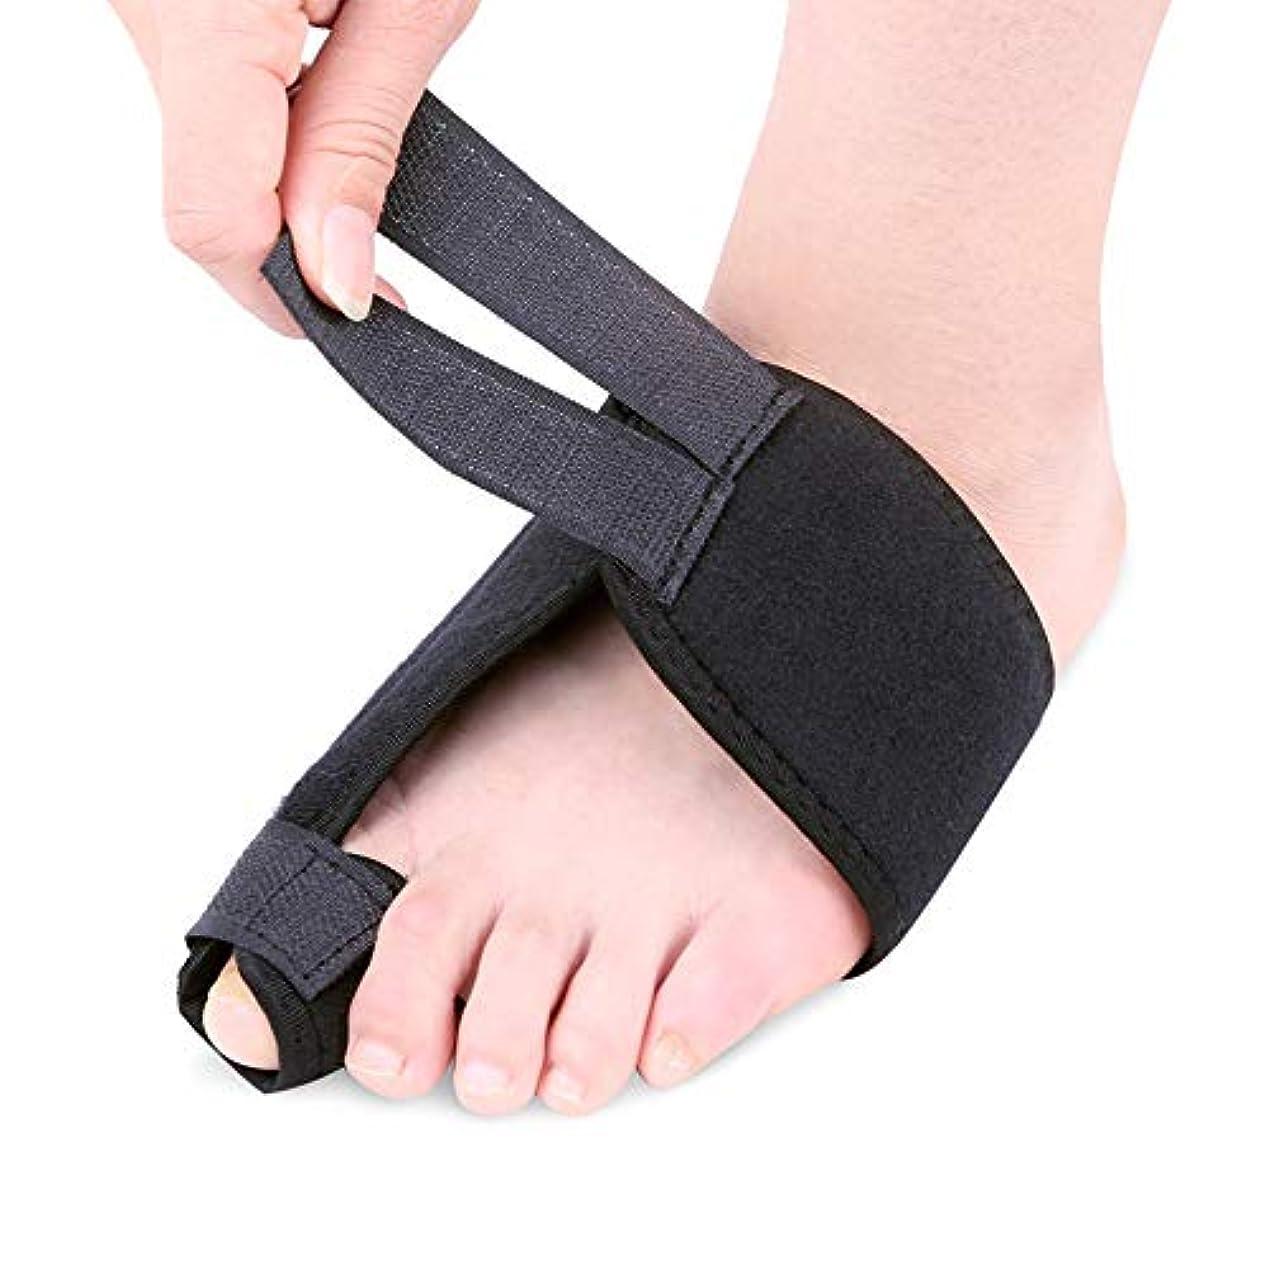 変な光景ミネラル外反母趾足指セパレーターは足指重複嚢胞通気性吸収汗を予防し、ヨガ後の痛みと変形を軽減,M